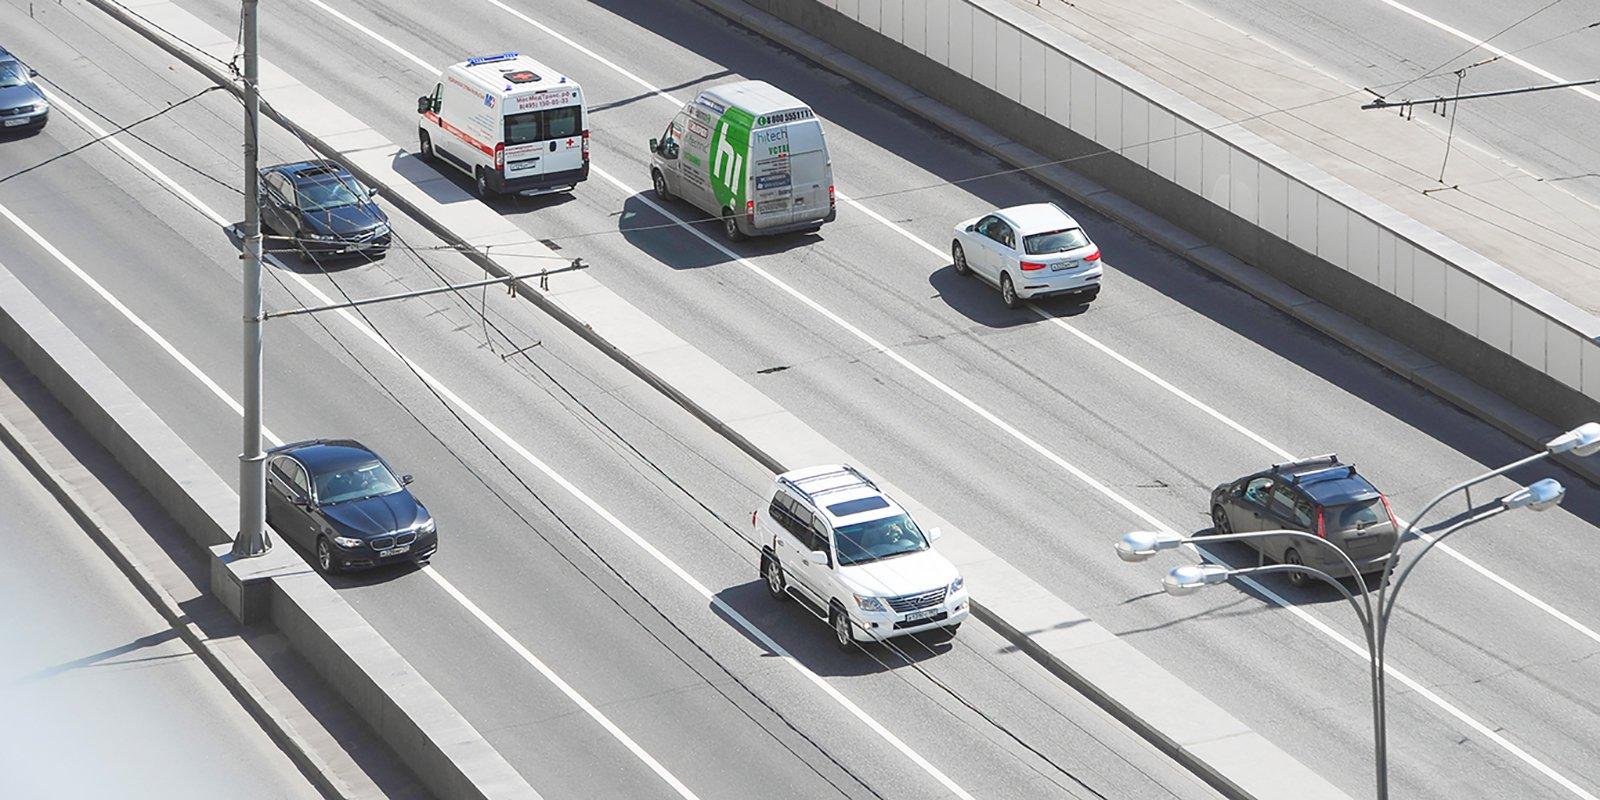 Информация о перекрытиях и авариях будет загружаться в навигаторы